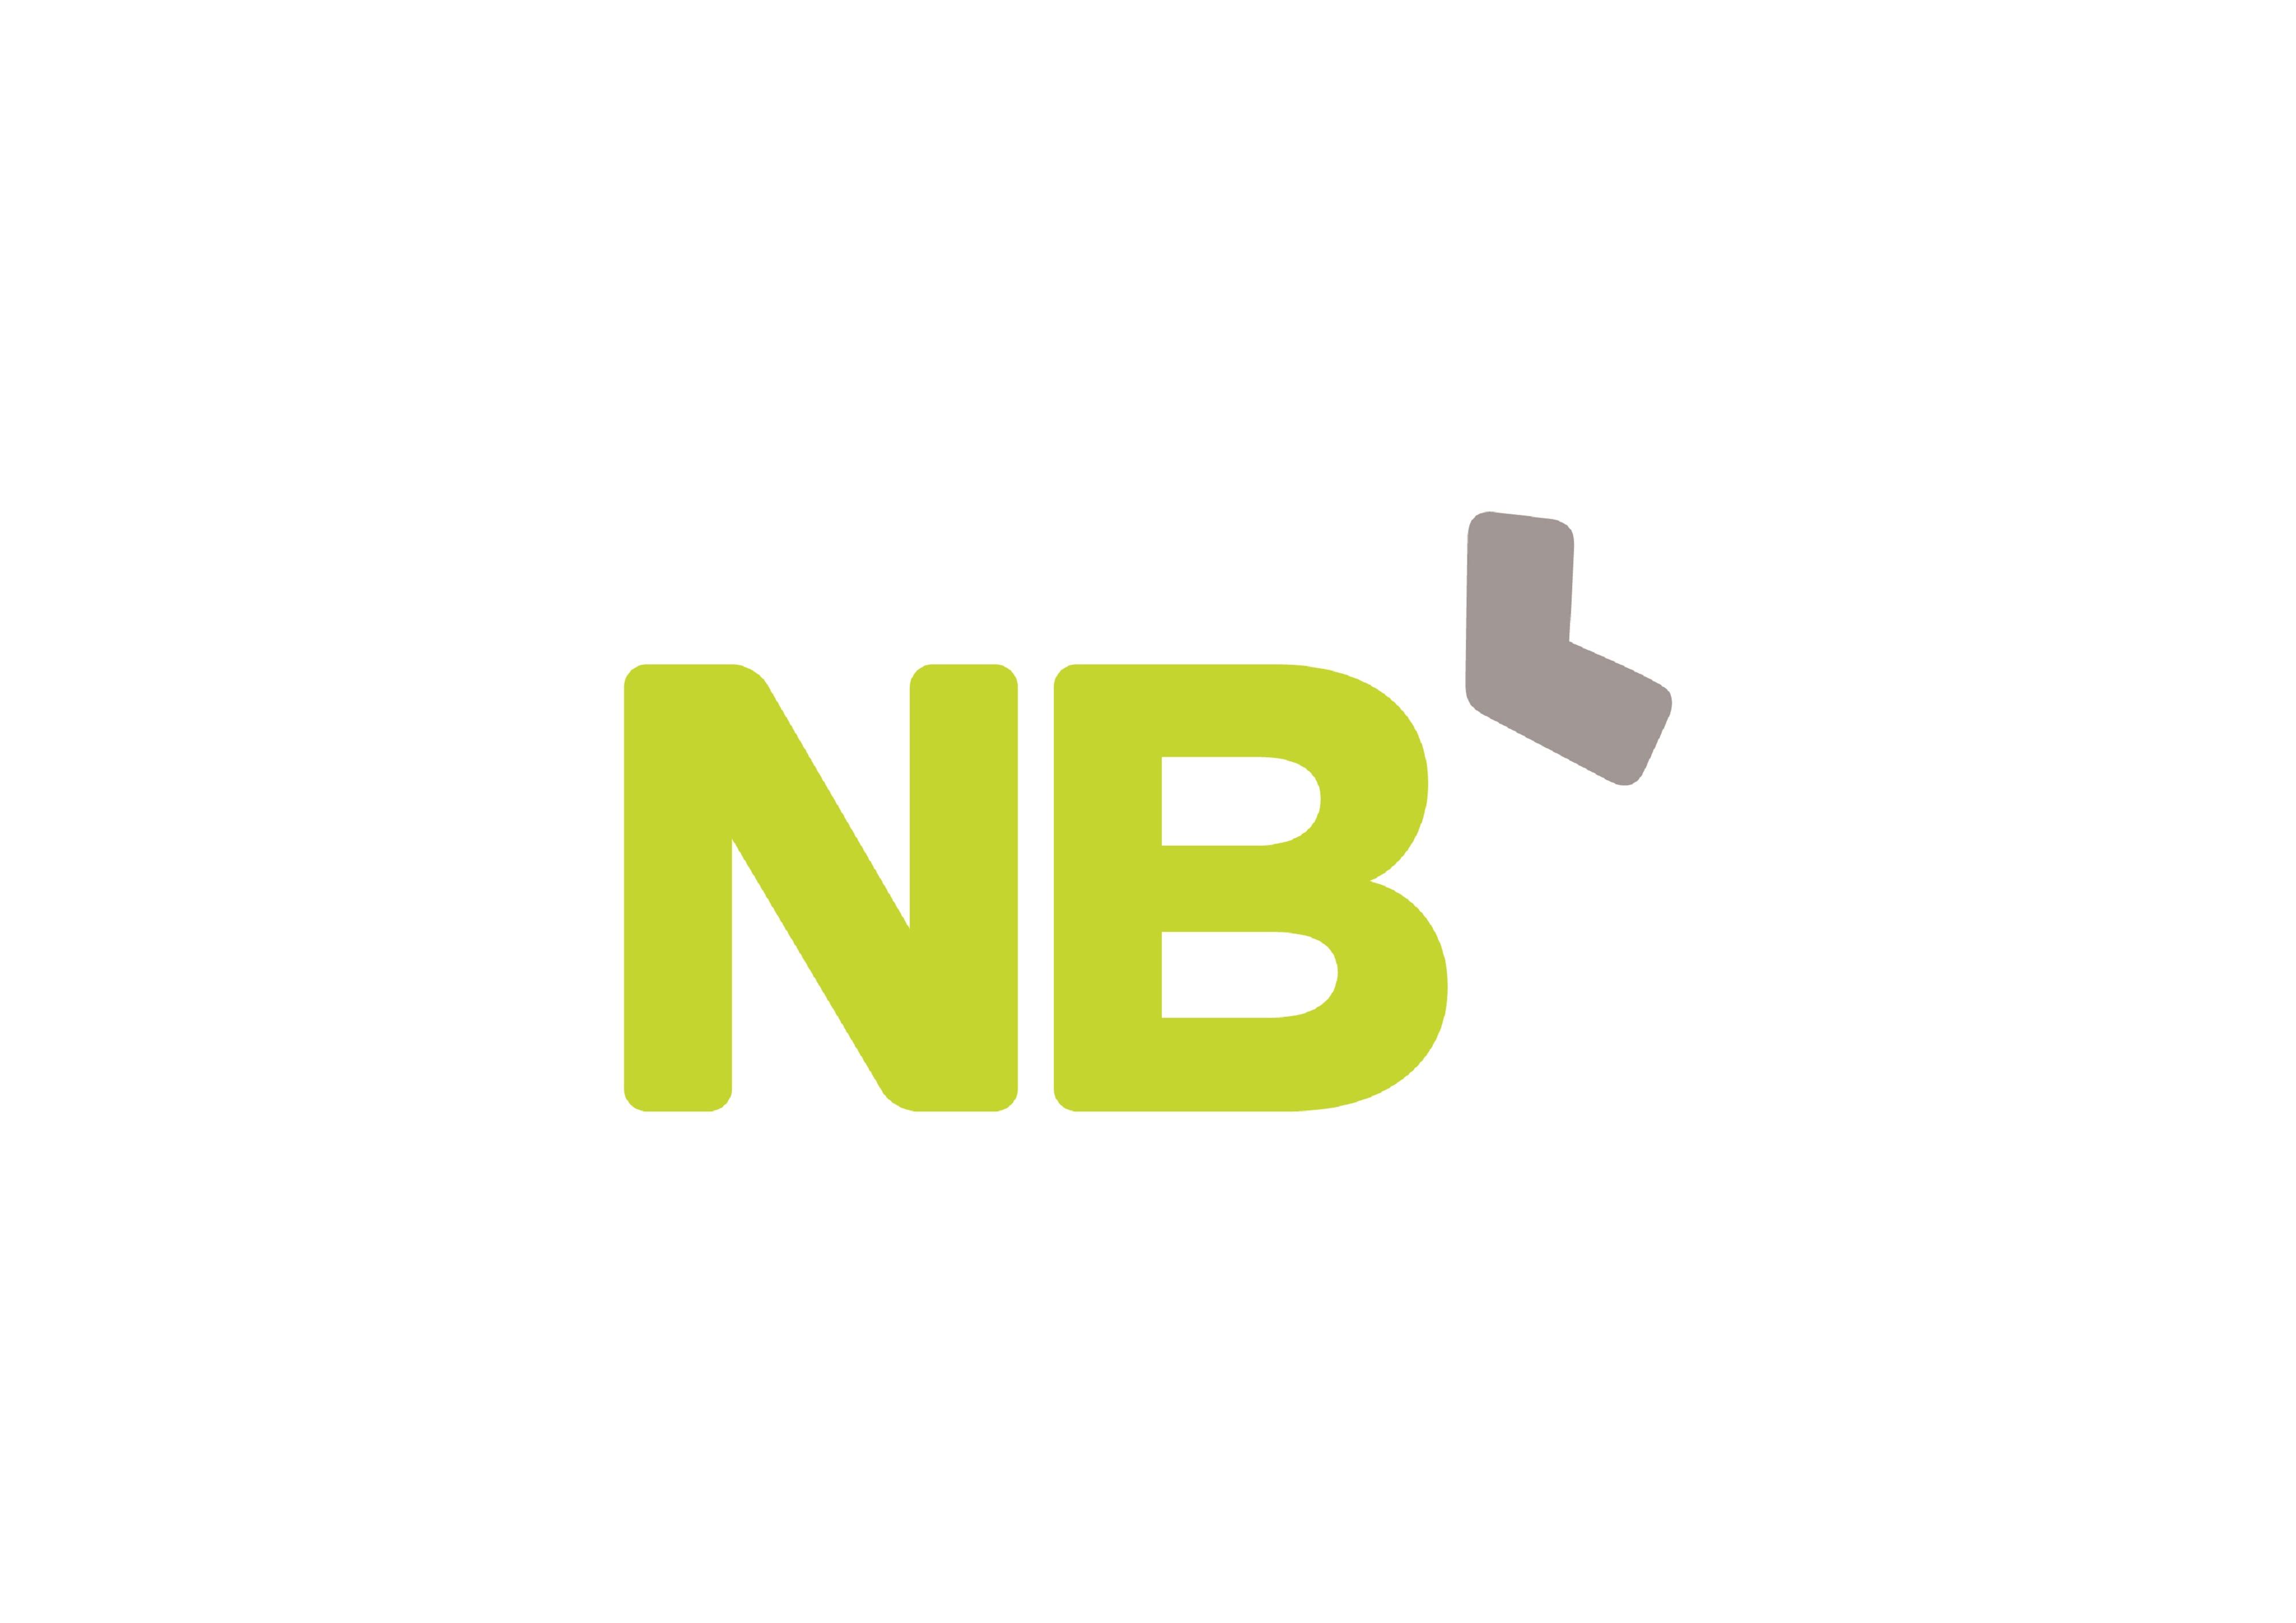 Novo banco rankia for Banco espirito santo oficinas